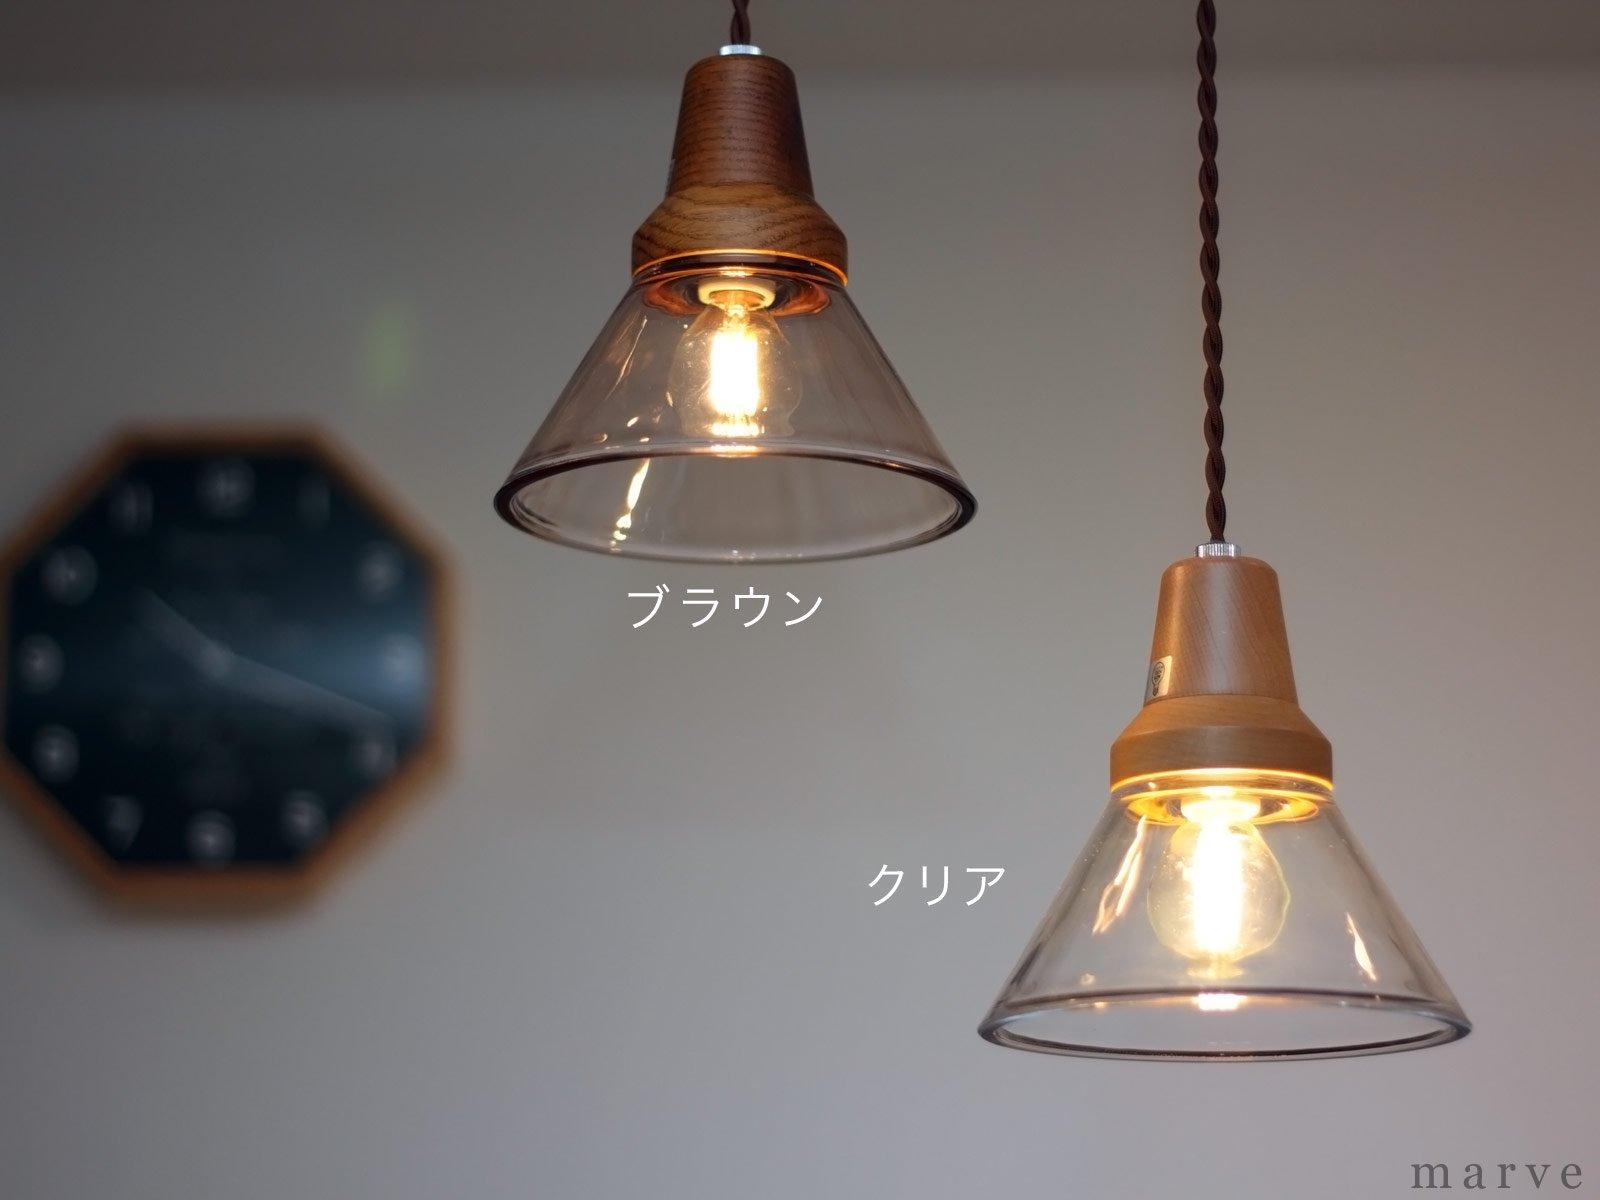 インターフォルム ペンダントライト BERKA(ベルカ)電球レス